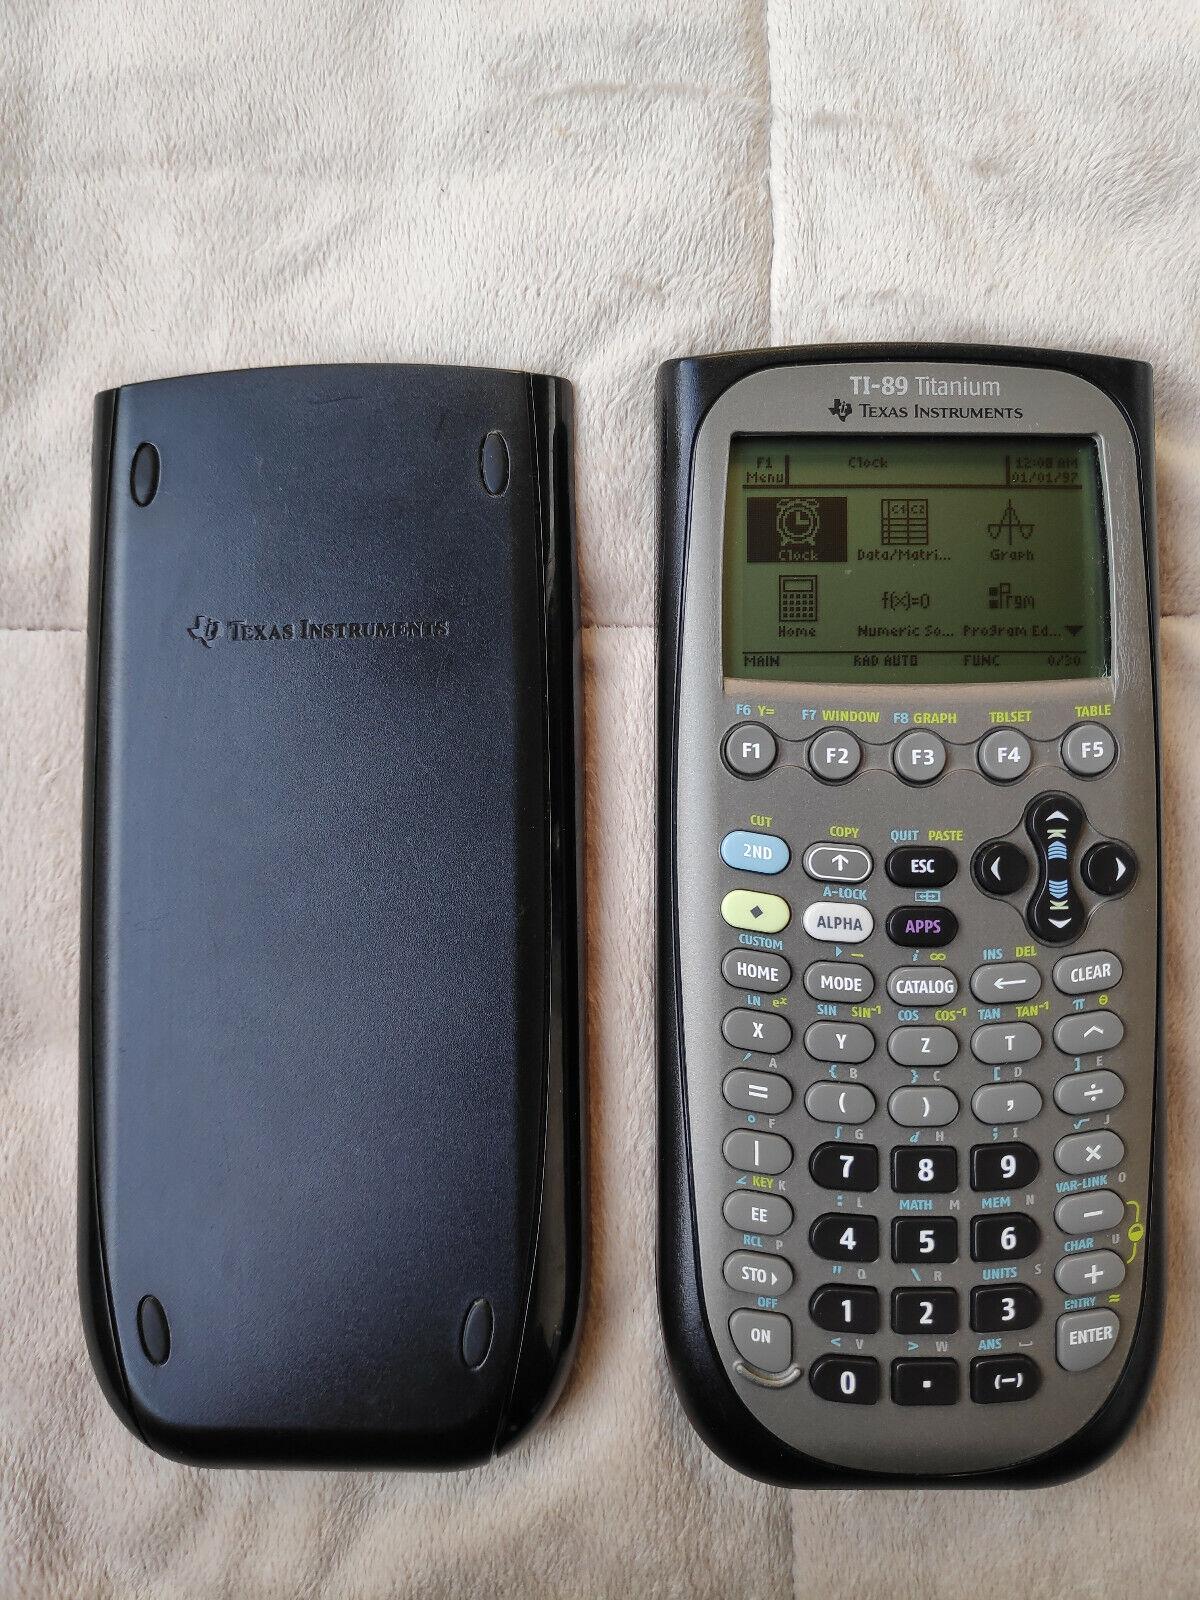 [Preis neu 195€] TI-89 Titanium Texas Instruments Grafikfähiger Taschenrechner